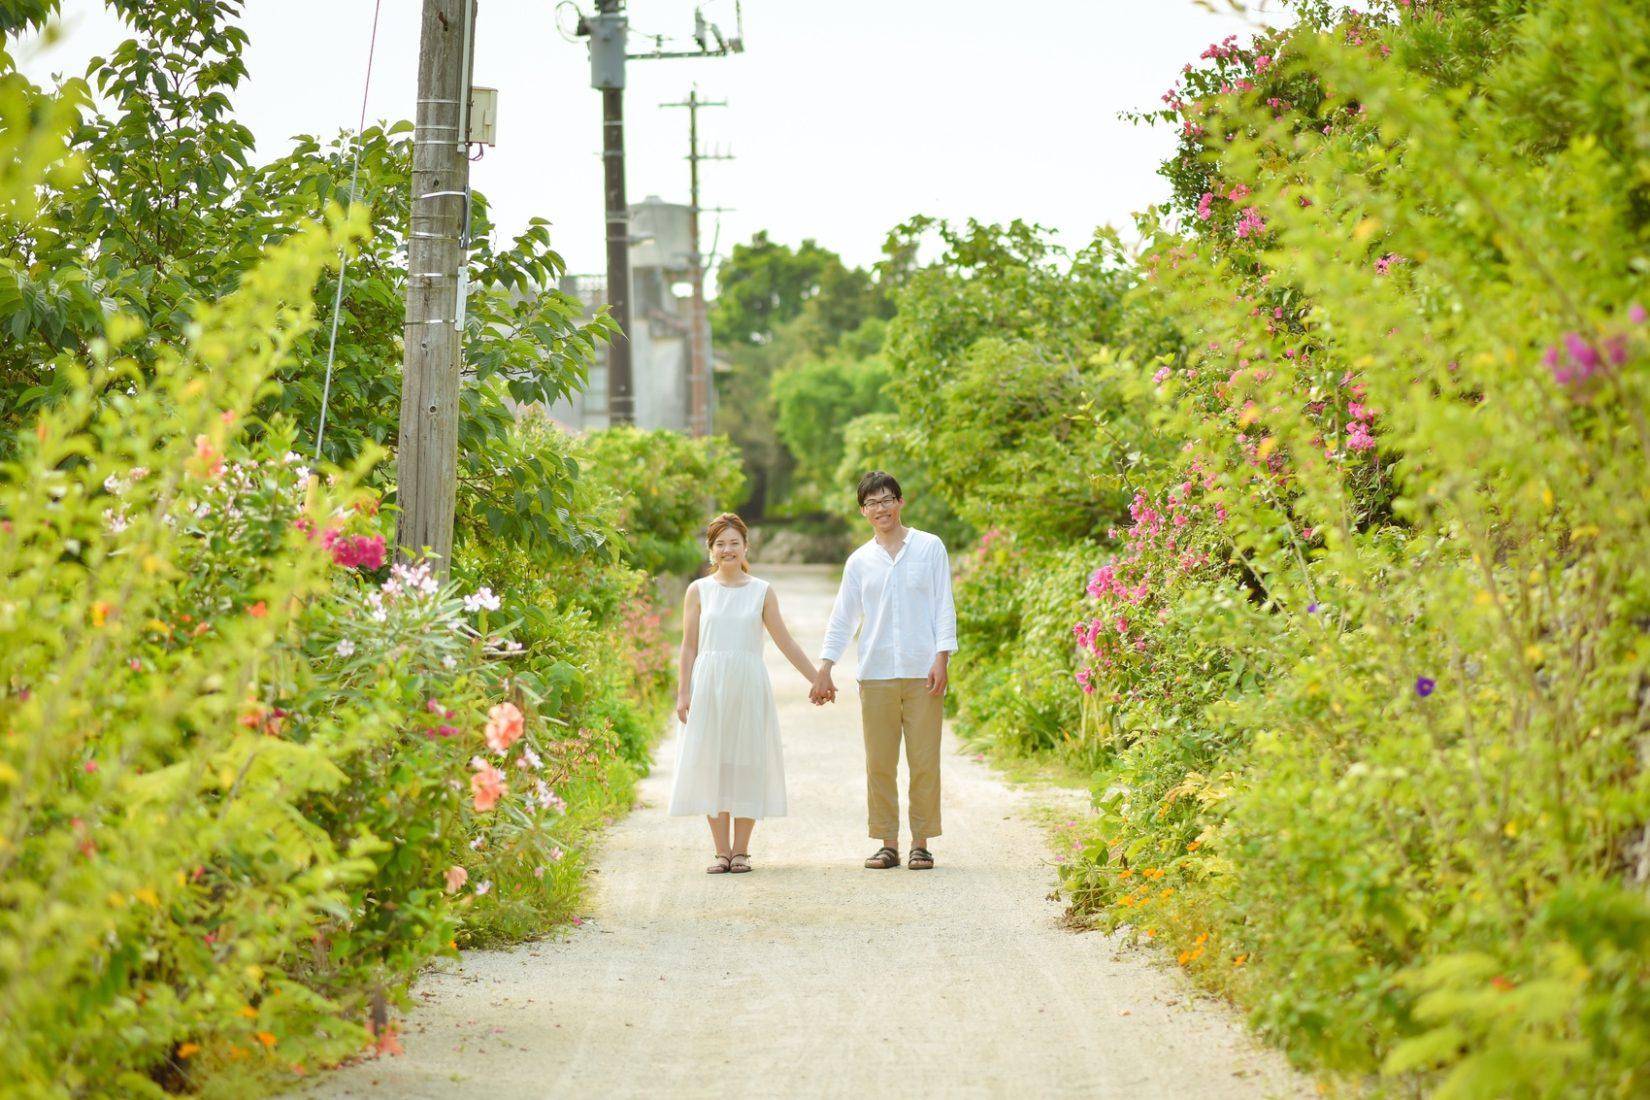 【レポ#11】自転車に乗って島巡り!竹富島でカップルフォト♡ M&R様